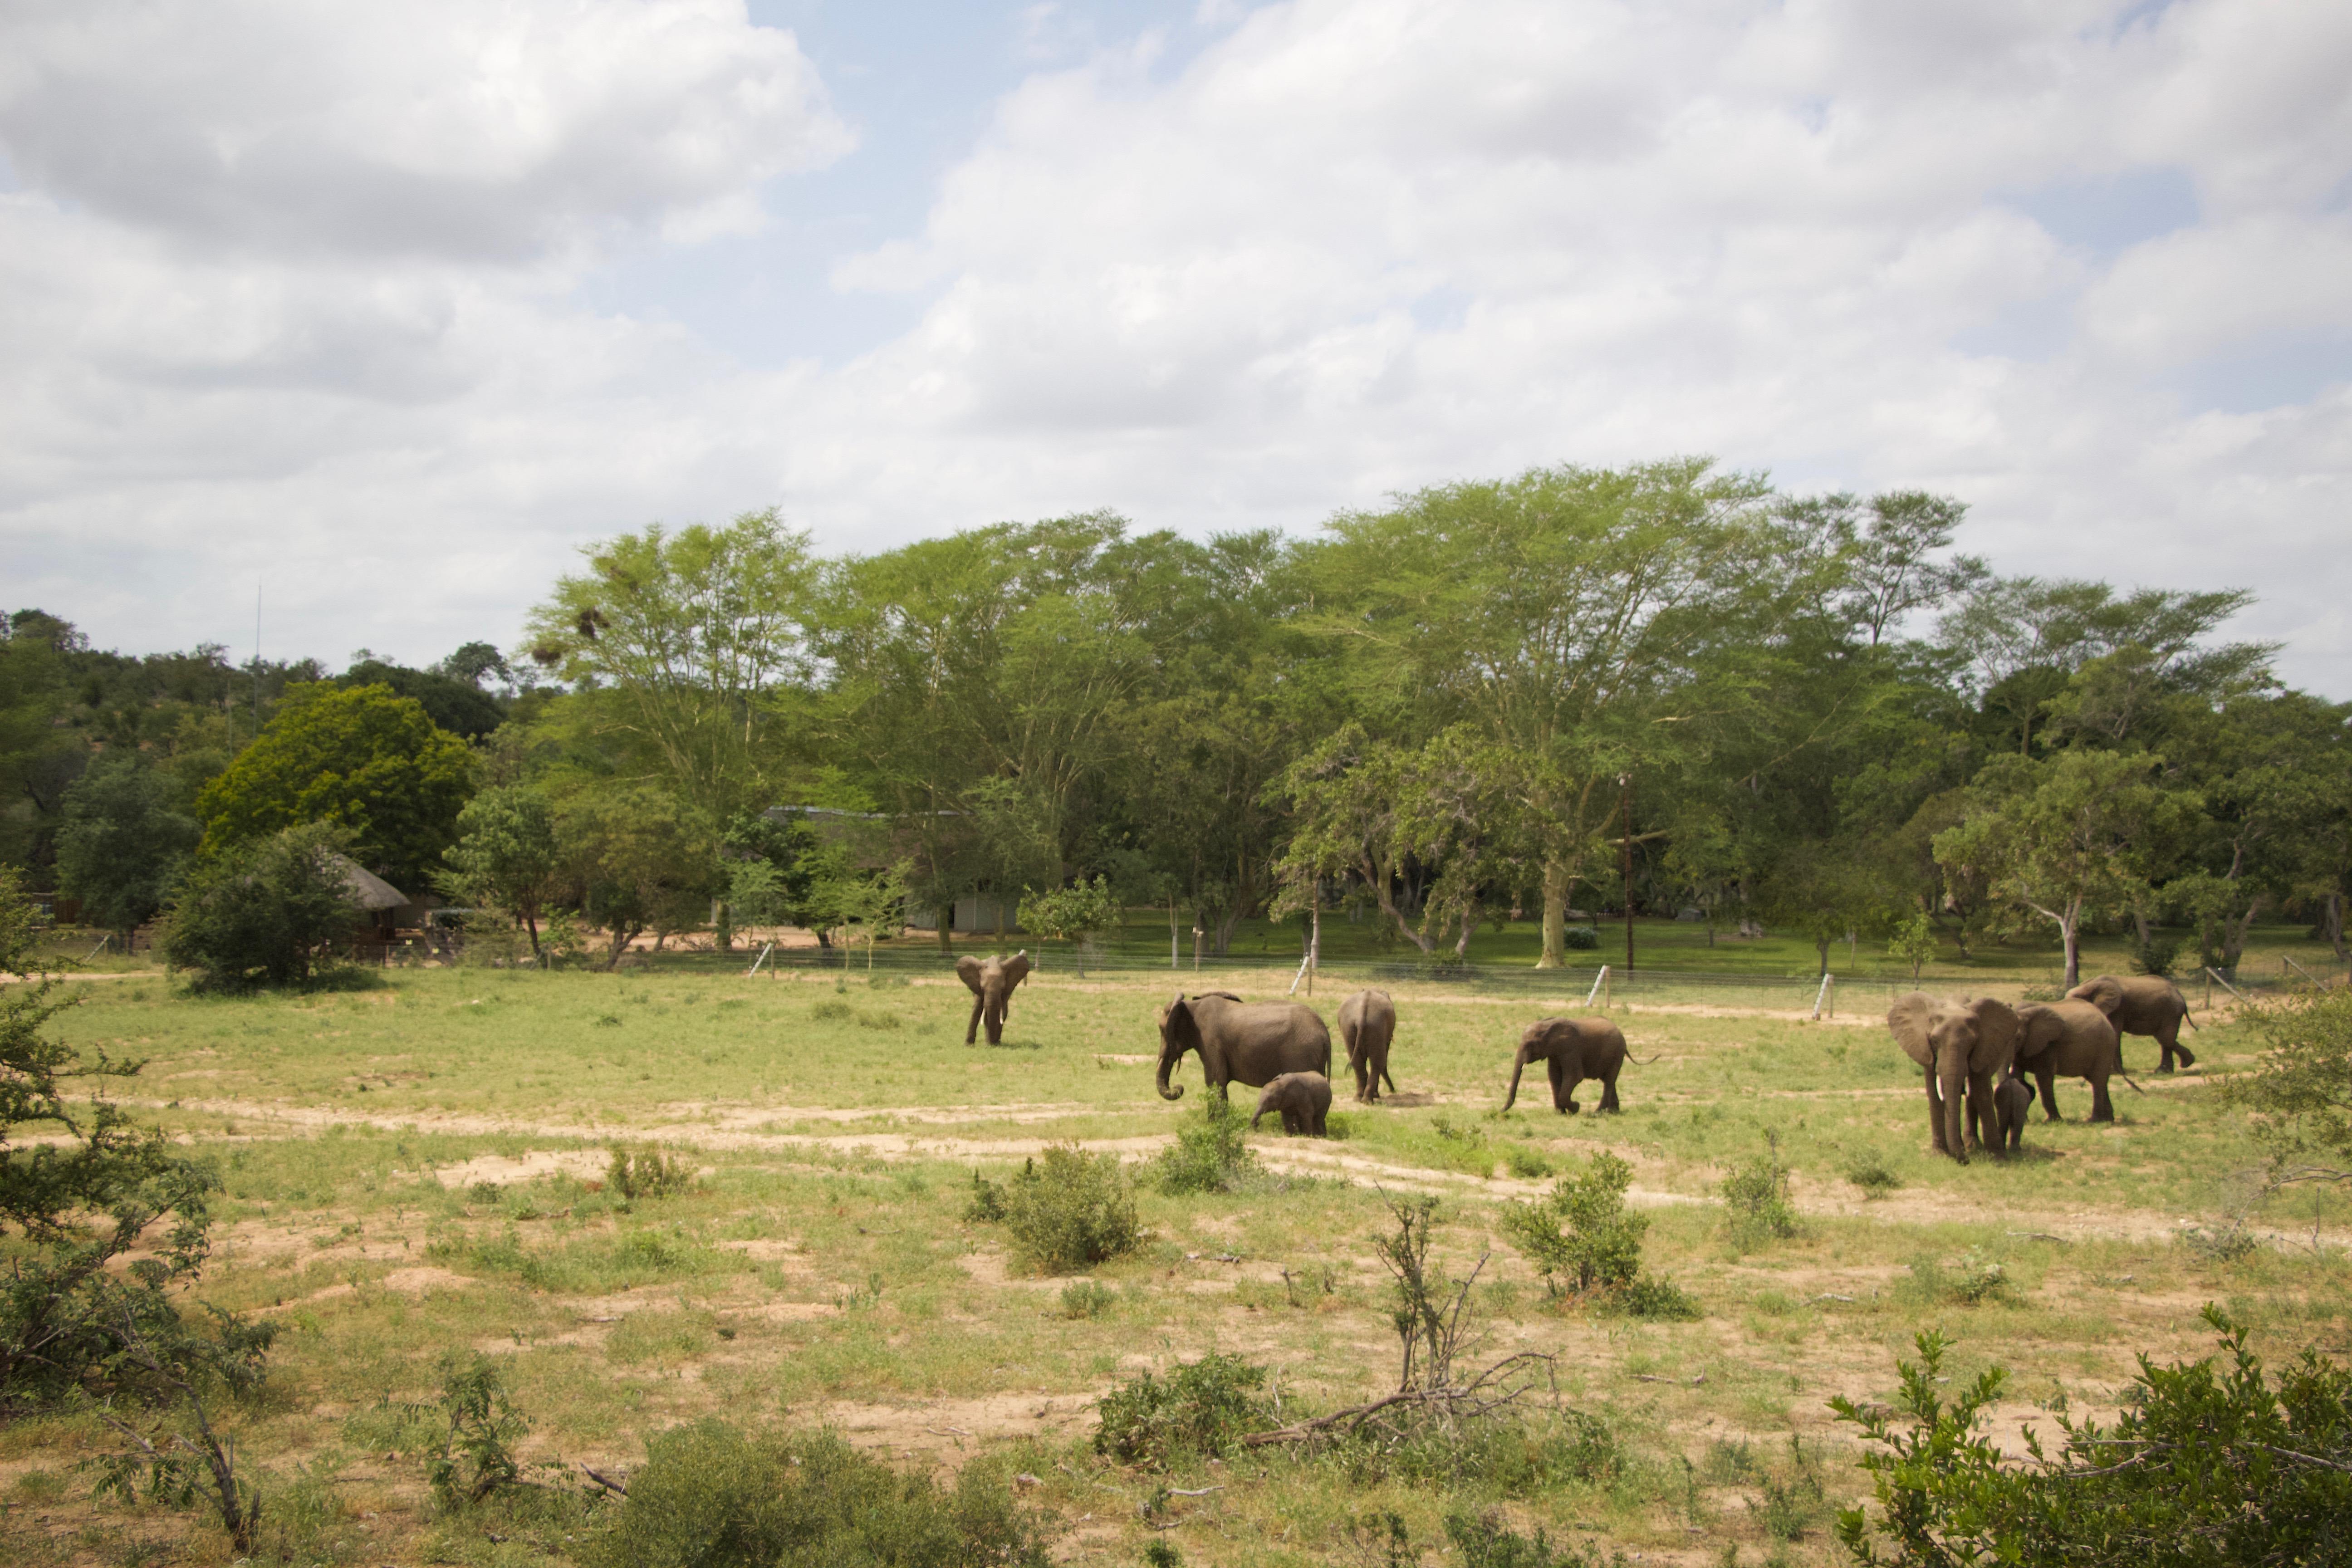 Elephant Herd Next to Camp